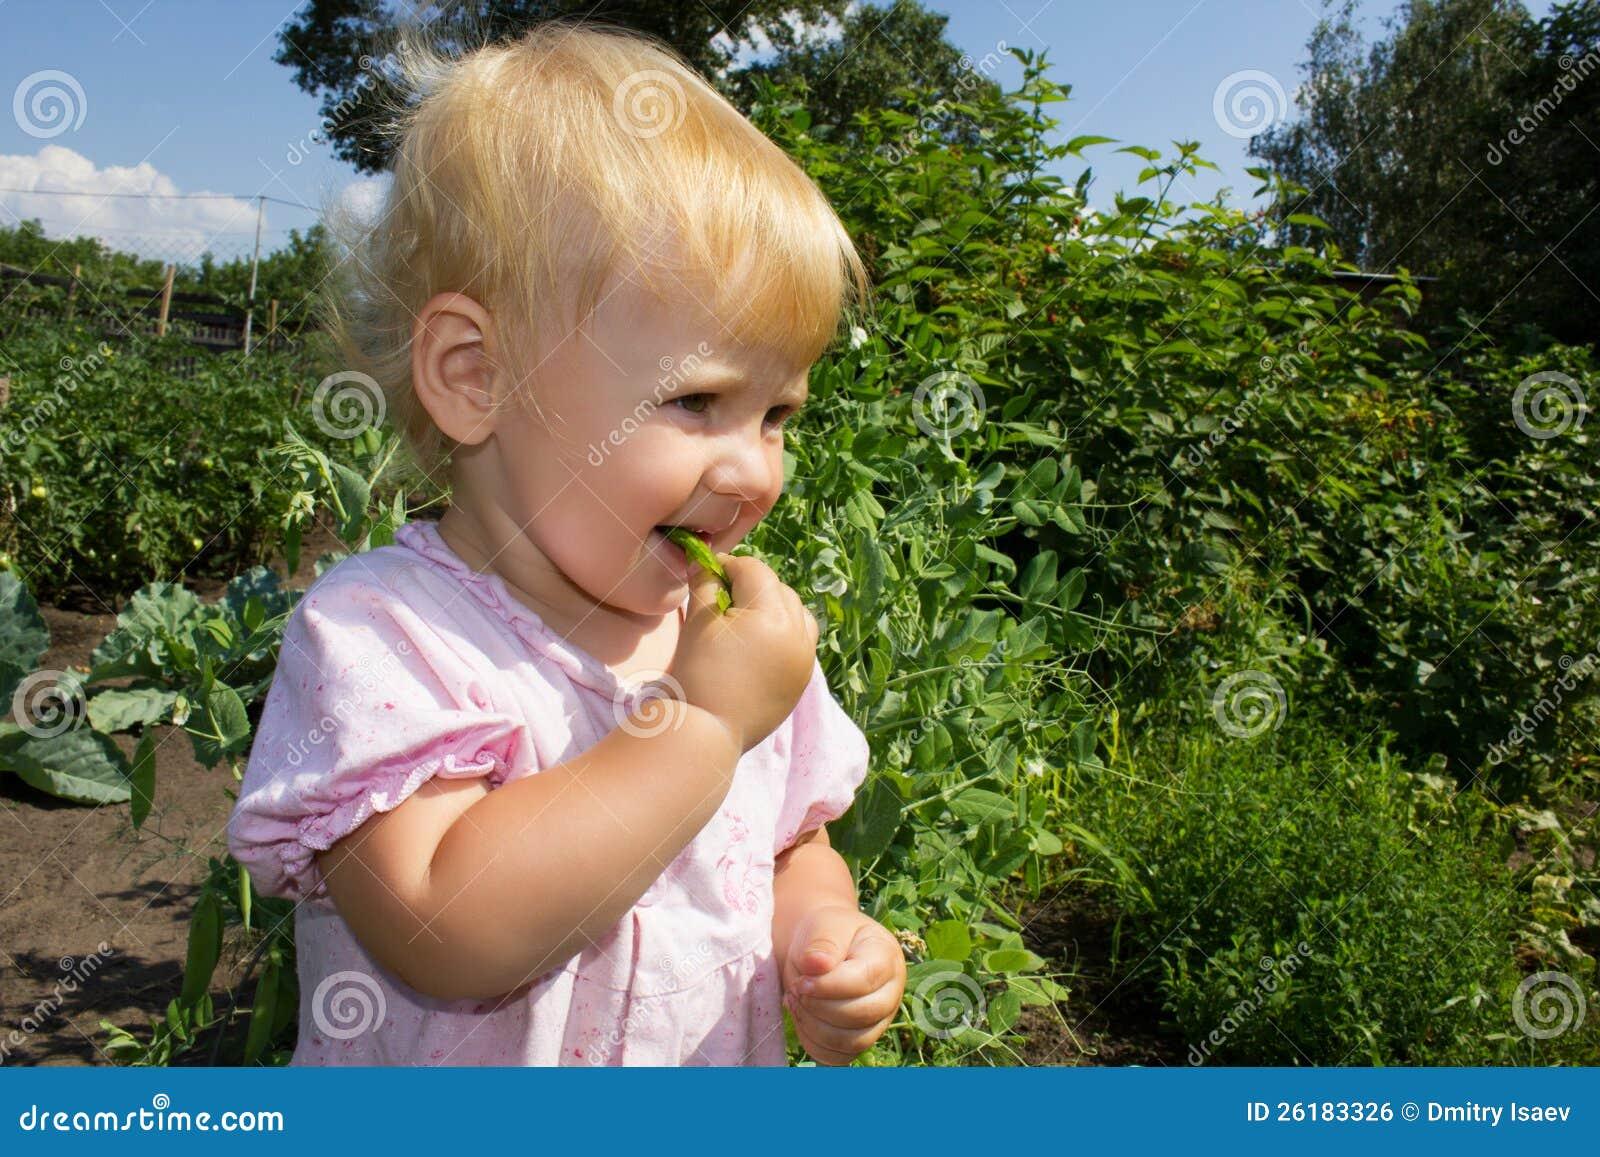 Младенец ест горохи